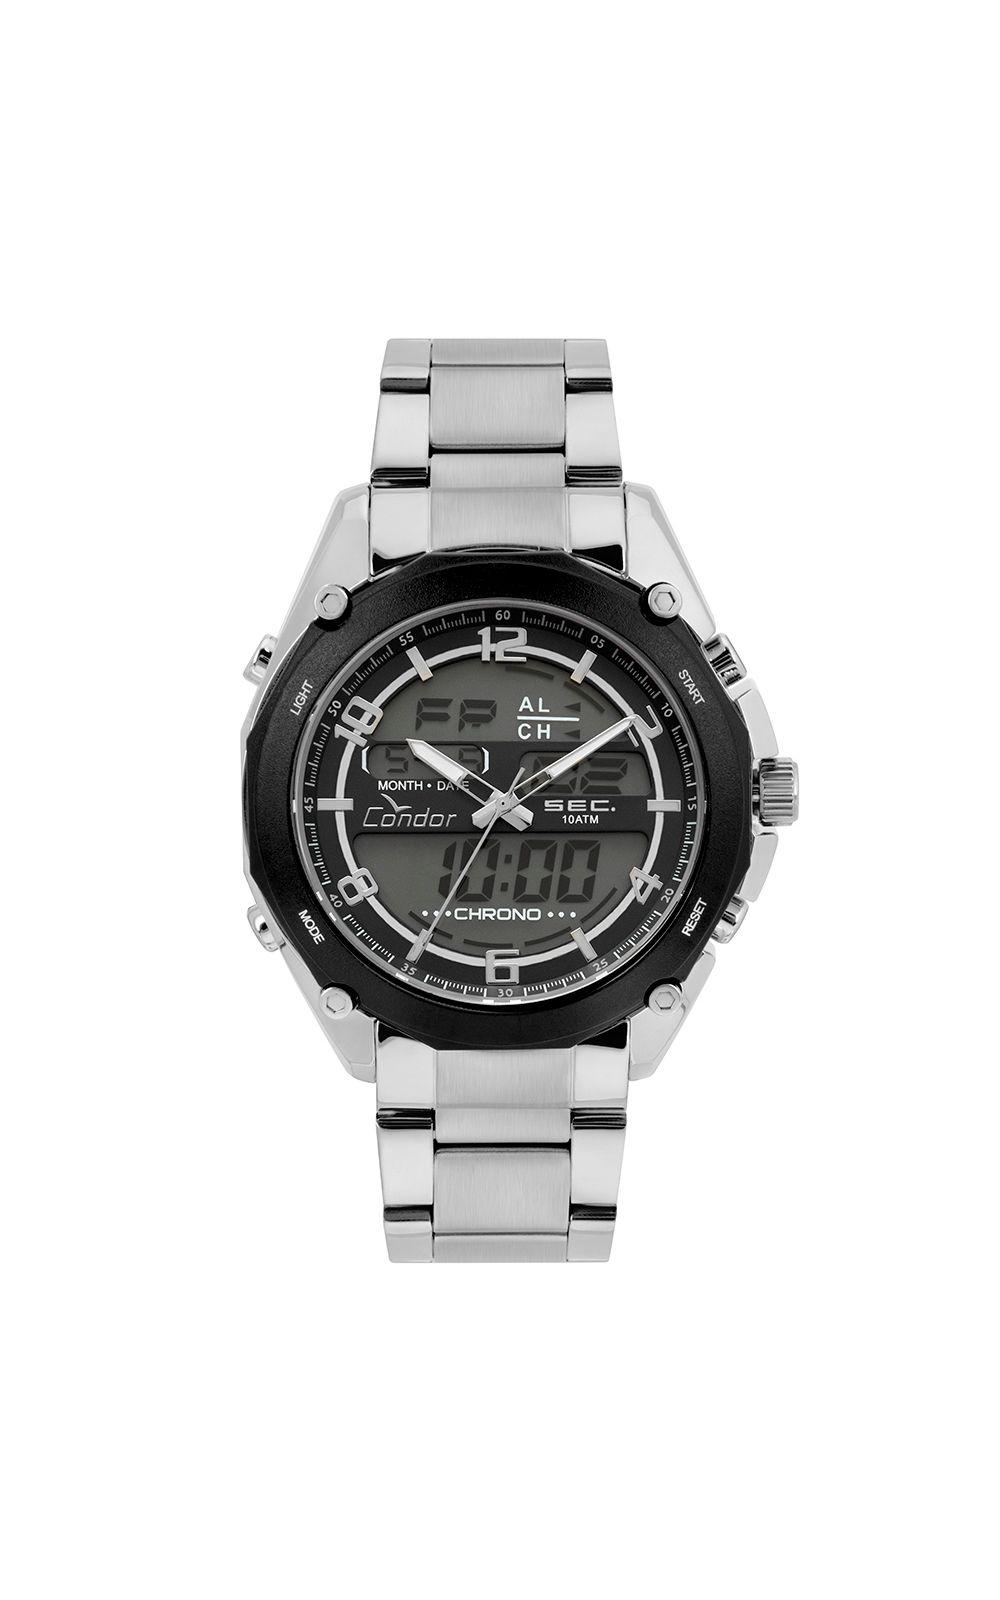 Relógio Condor Masculino Anadigi Prata - COY121E6AC 3P. undefined 300451c3e3